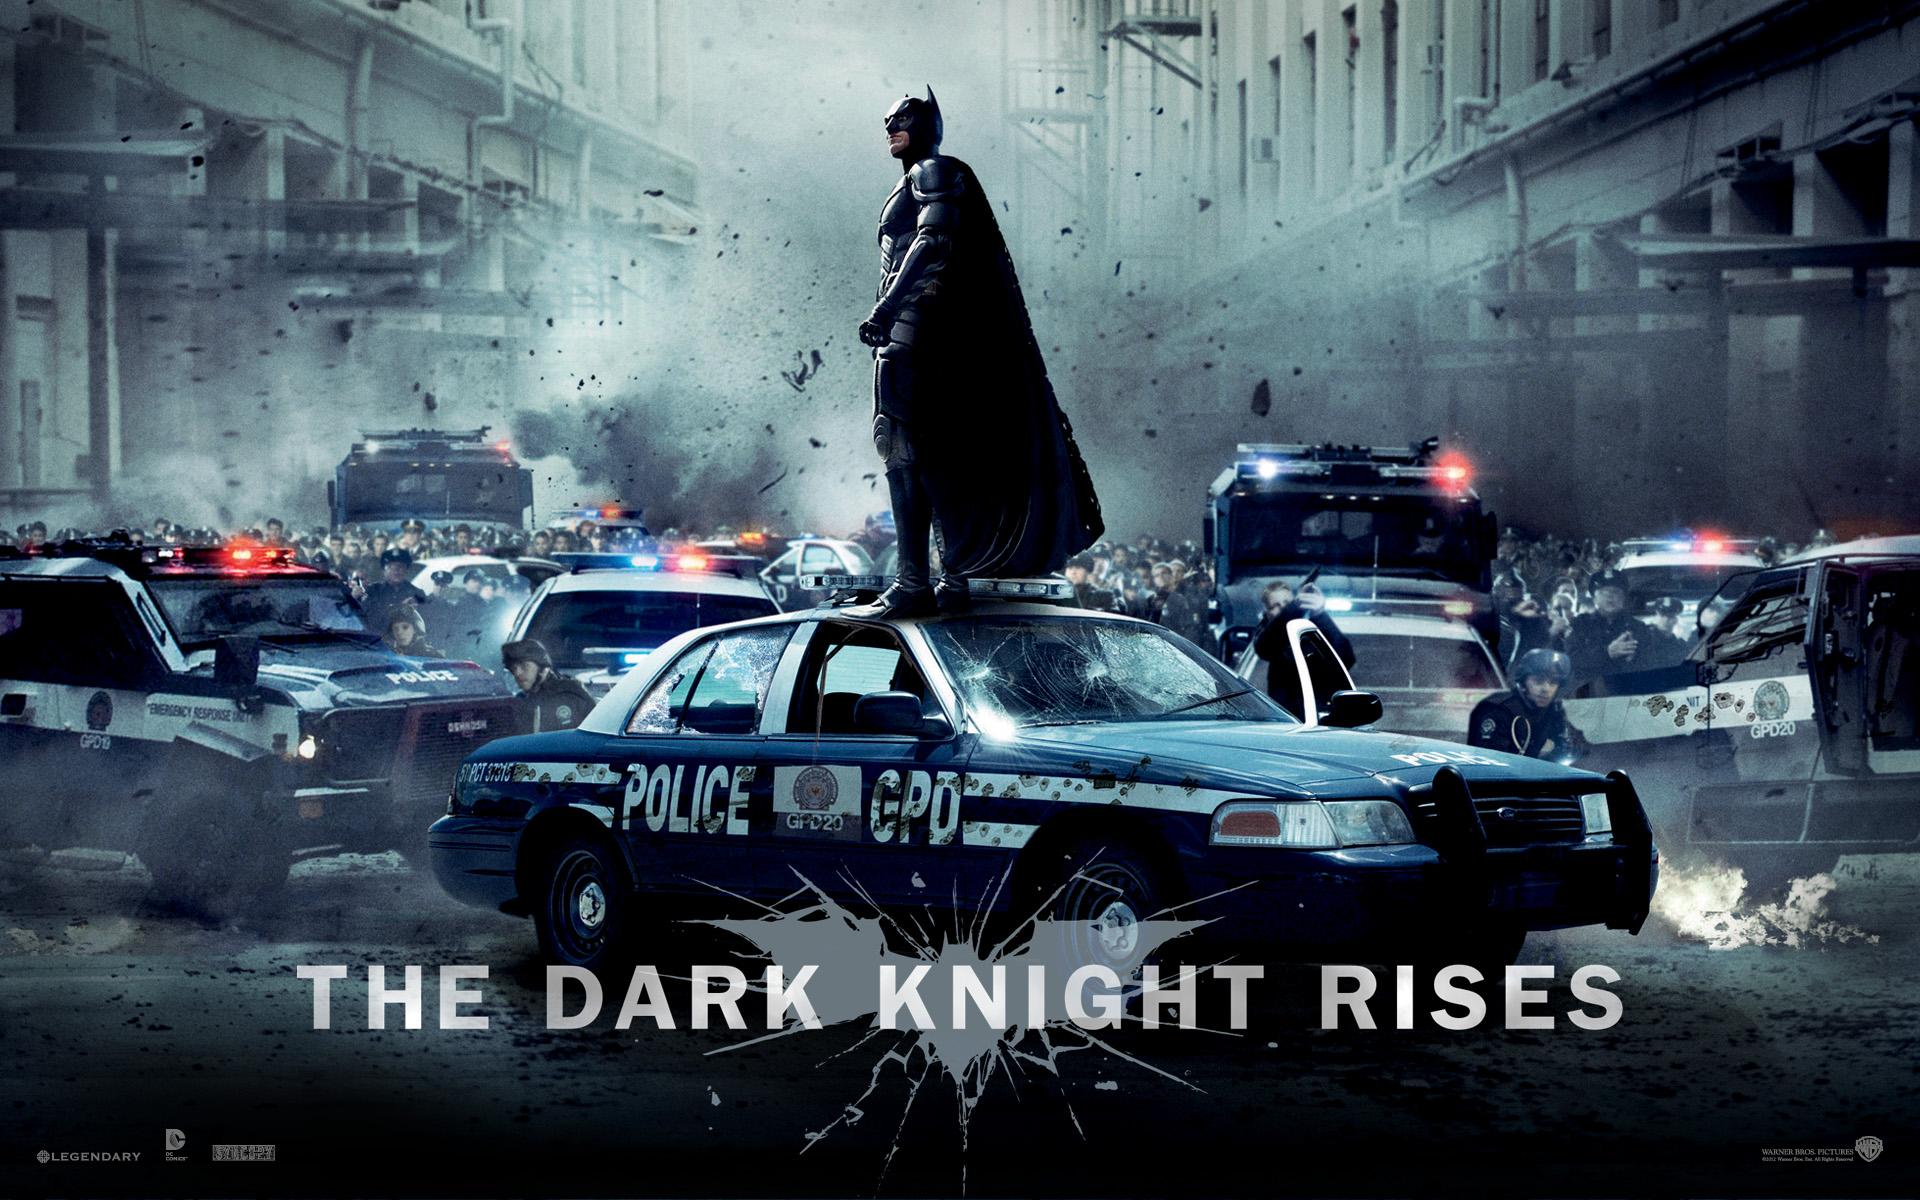 Batman Superhero Dark Knight Rises Wallpaper